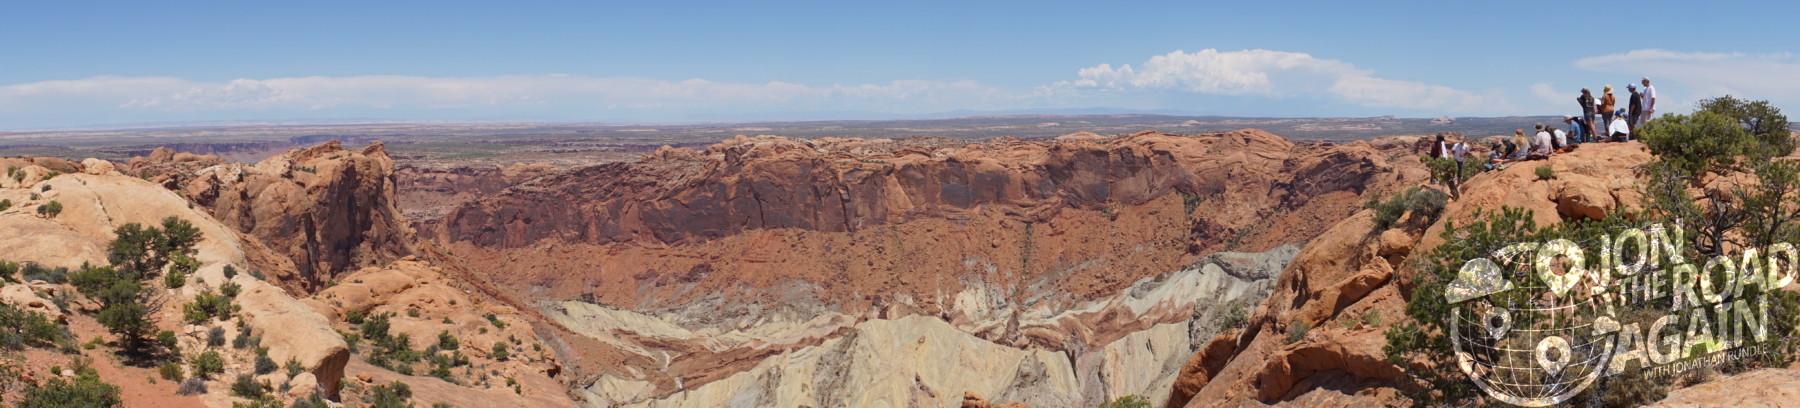 Upheaval Dome Panorama